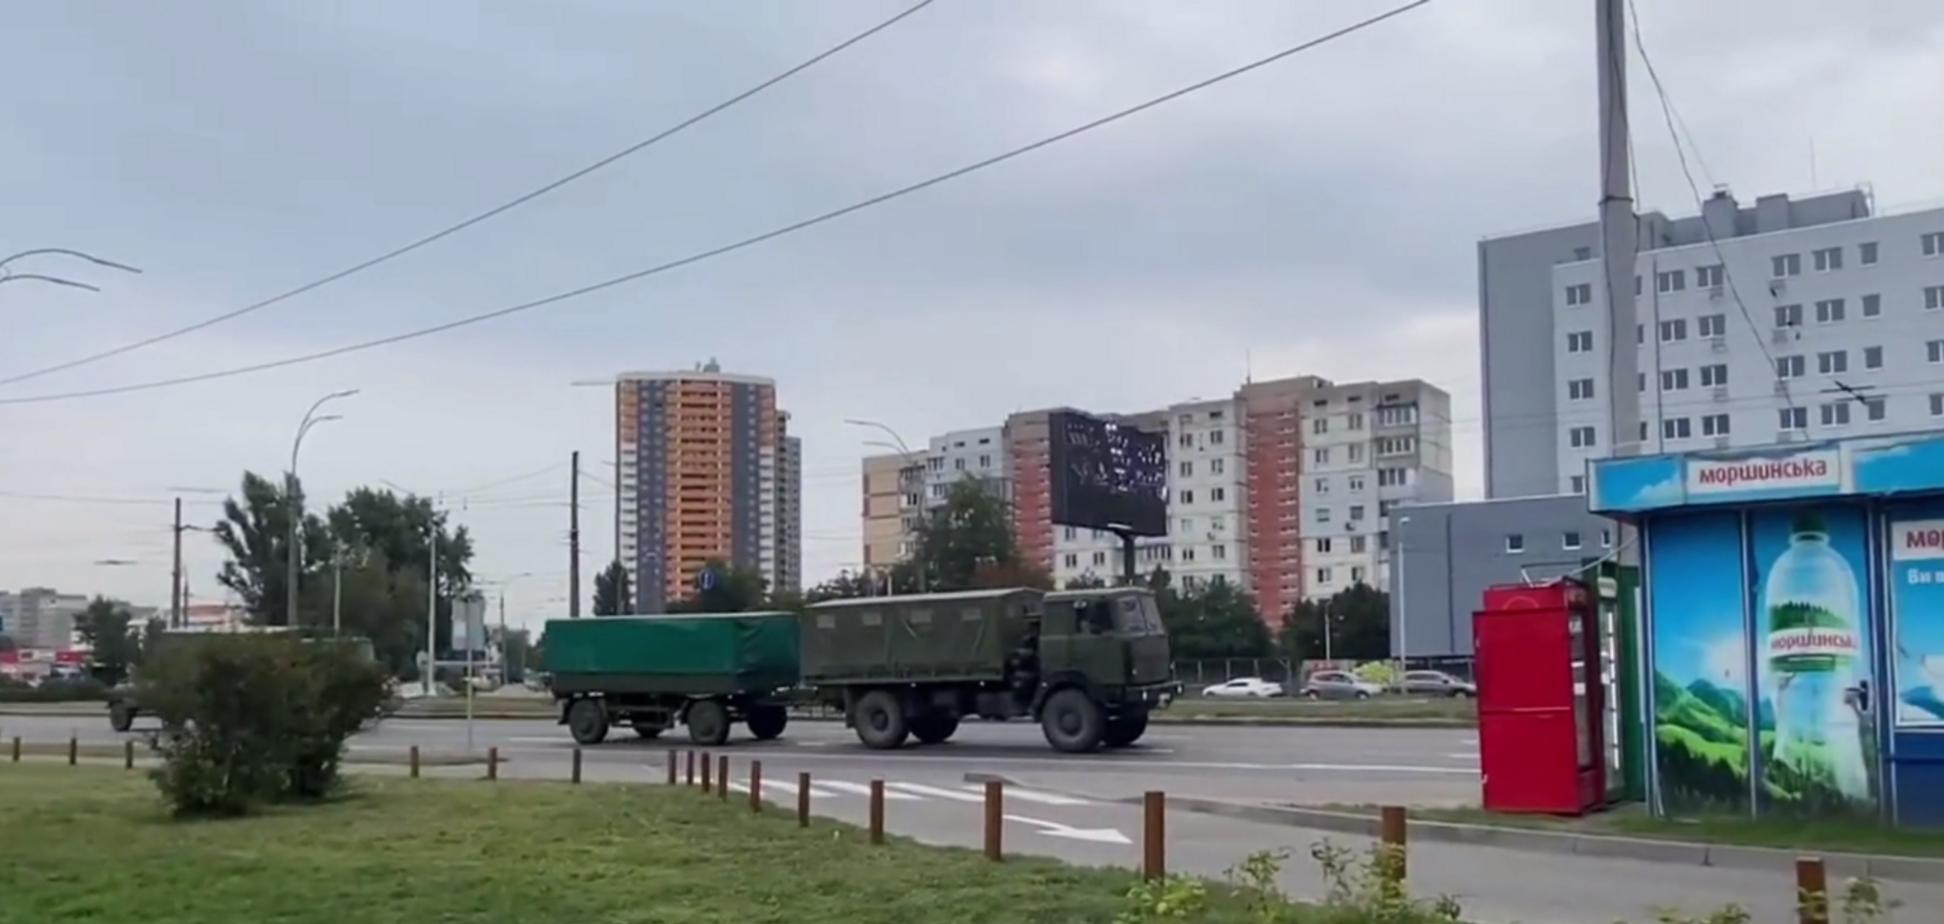 Военная техника на улице города